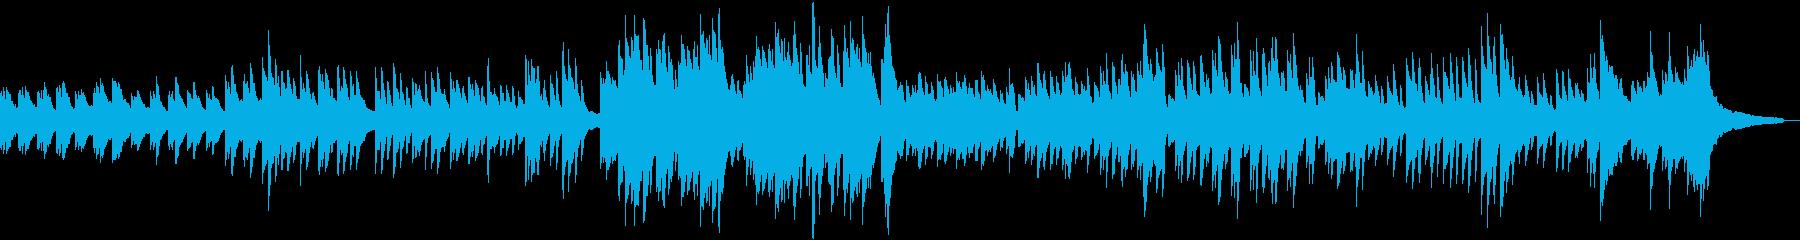 夜を感じさせるピアノBGMの再生済みの波形